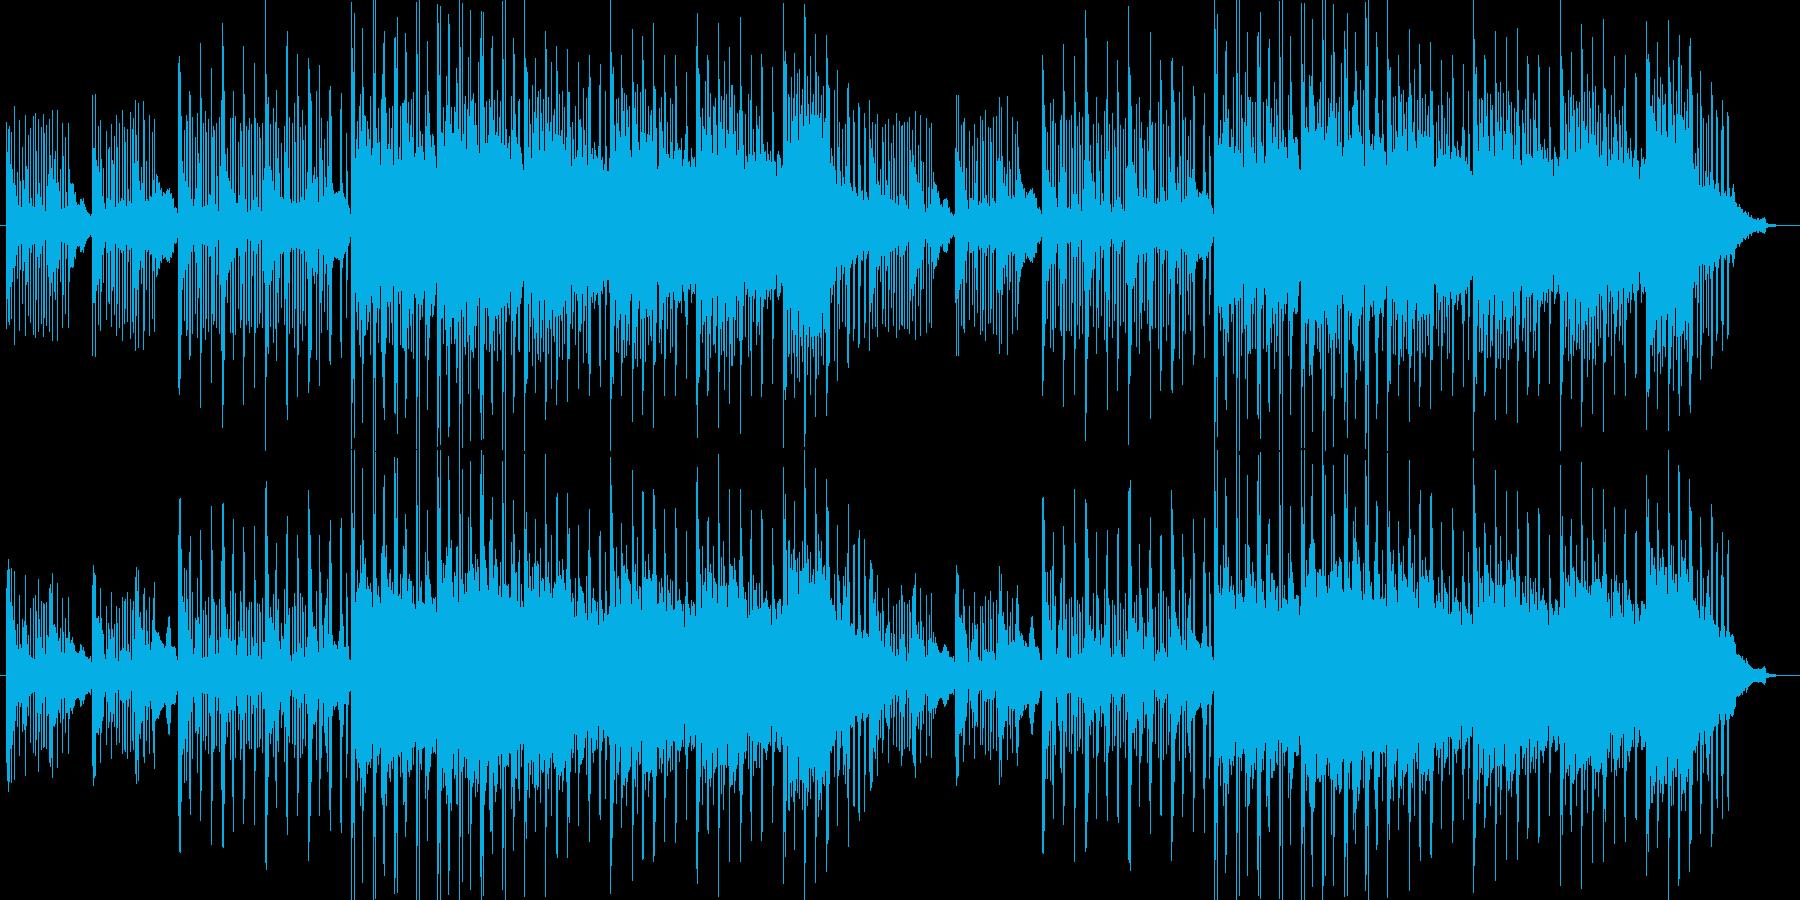 エレクトロニカでオシャレな曲の再生済みの波形